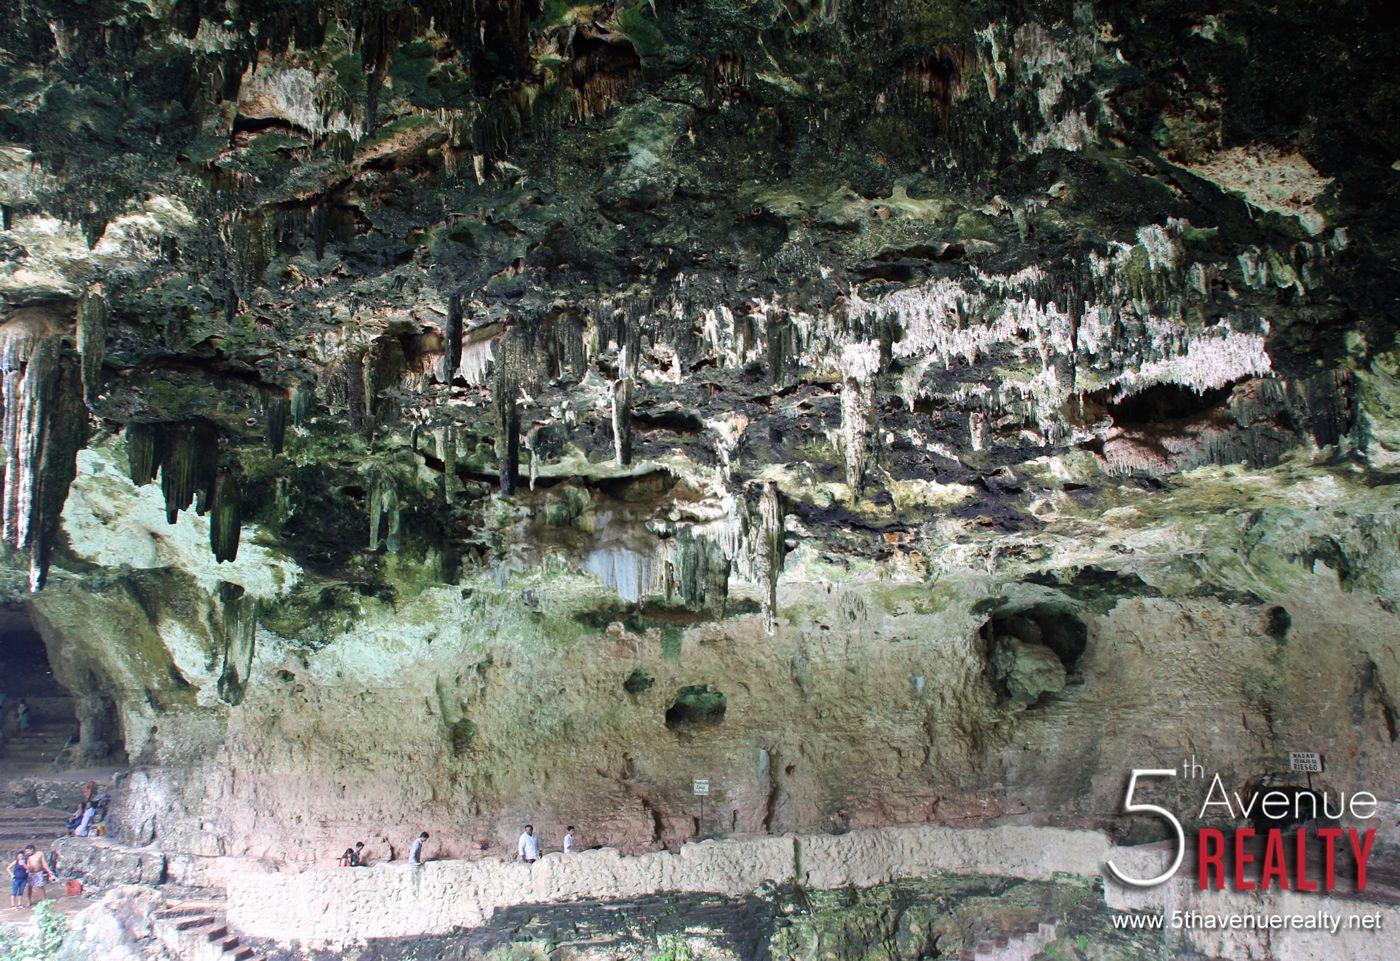 Cenote Zaci , Valladolid Yucatan Mexico   ( 5th Avenue